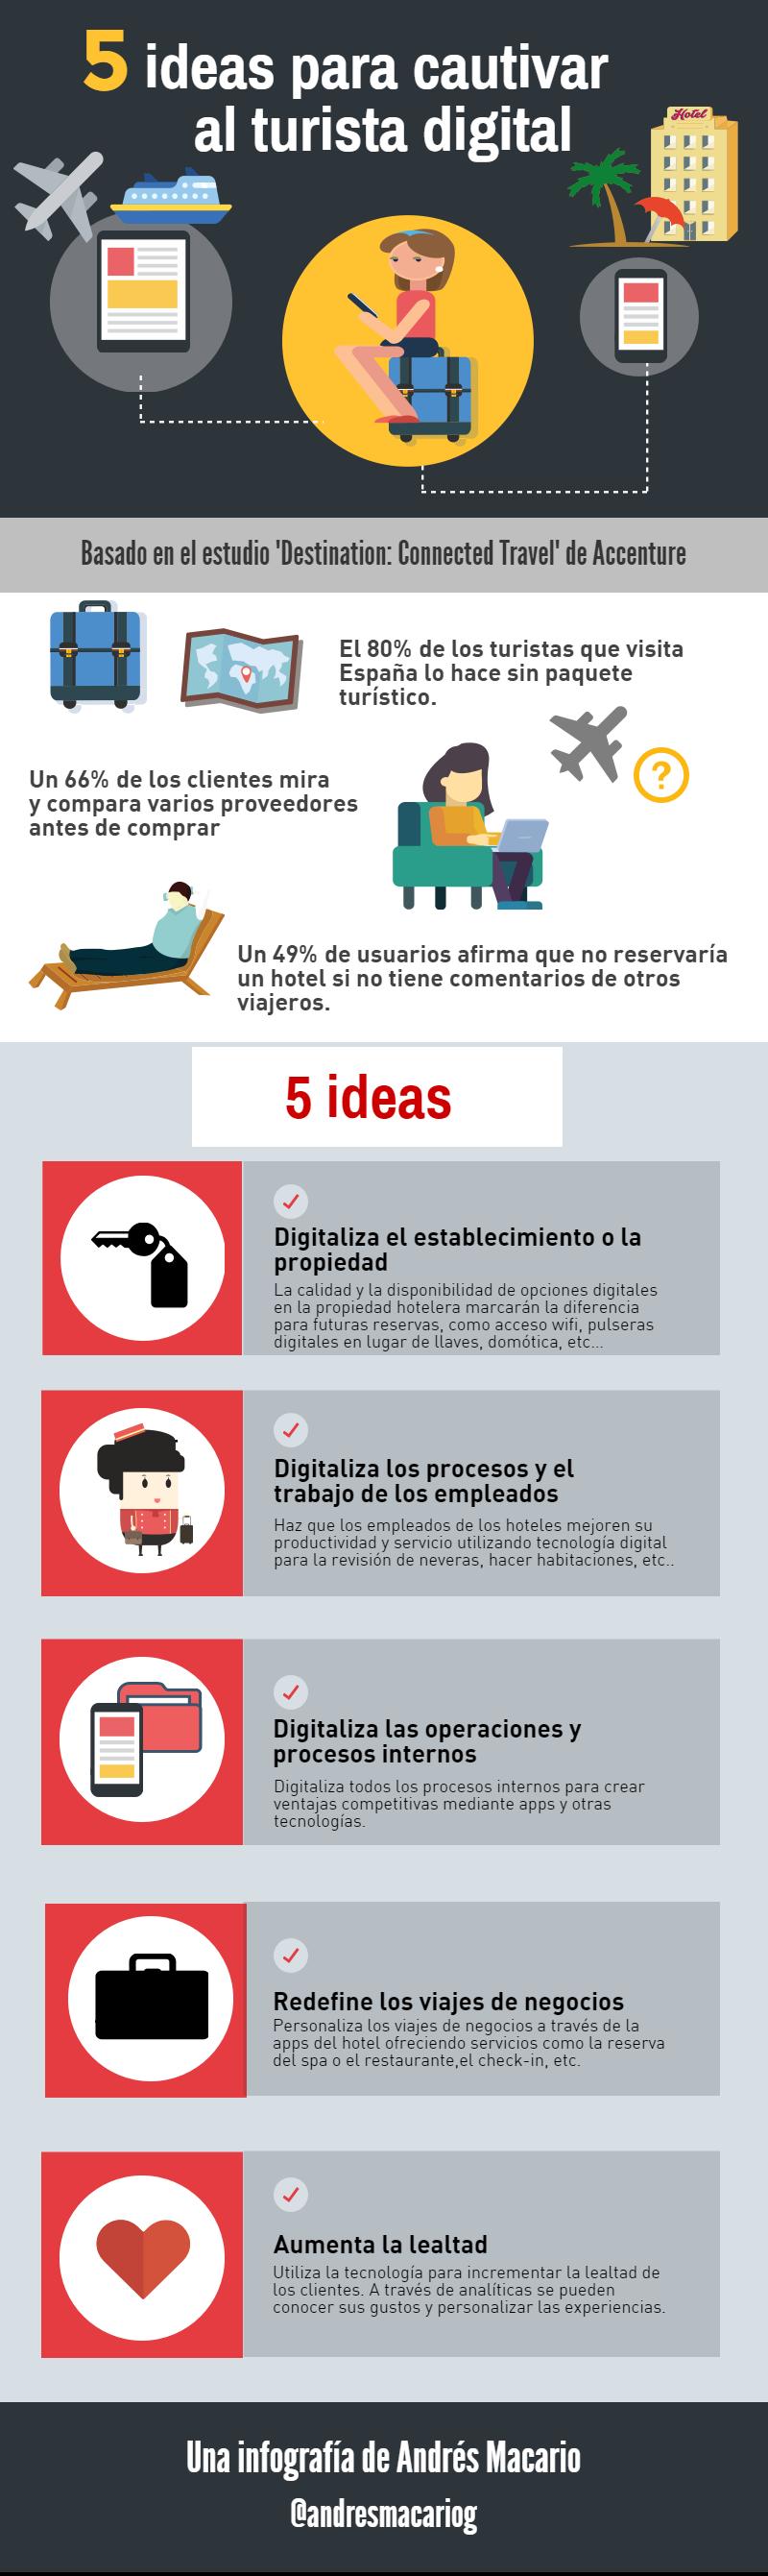 5 ideas para cautivar al turista digital Infografia Andres Macario